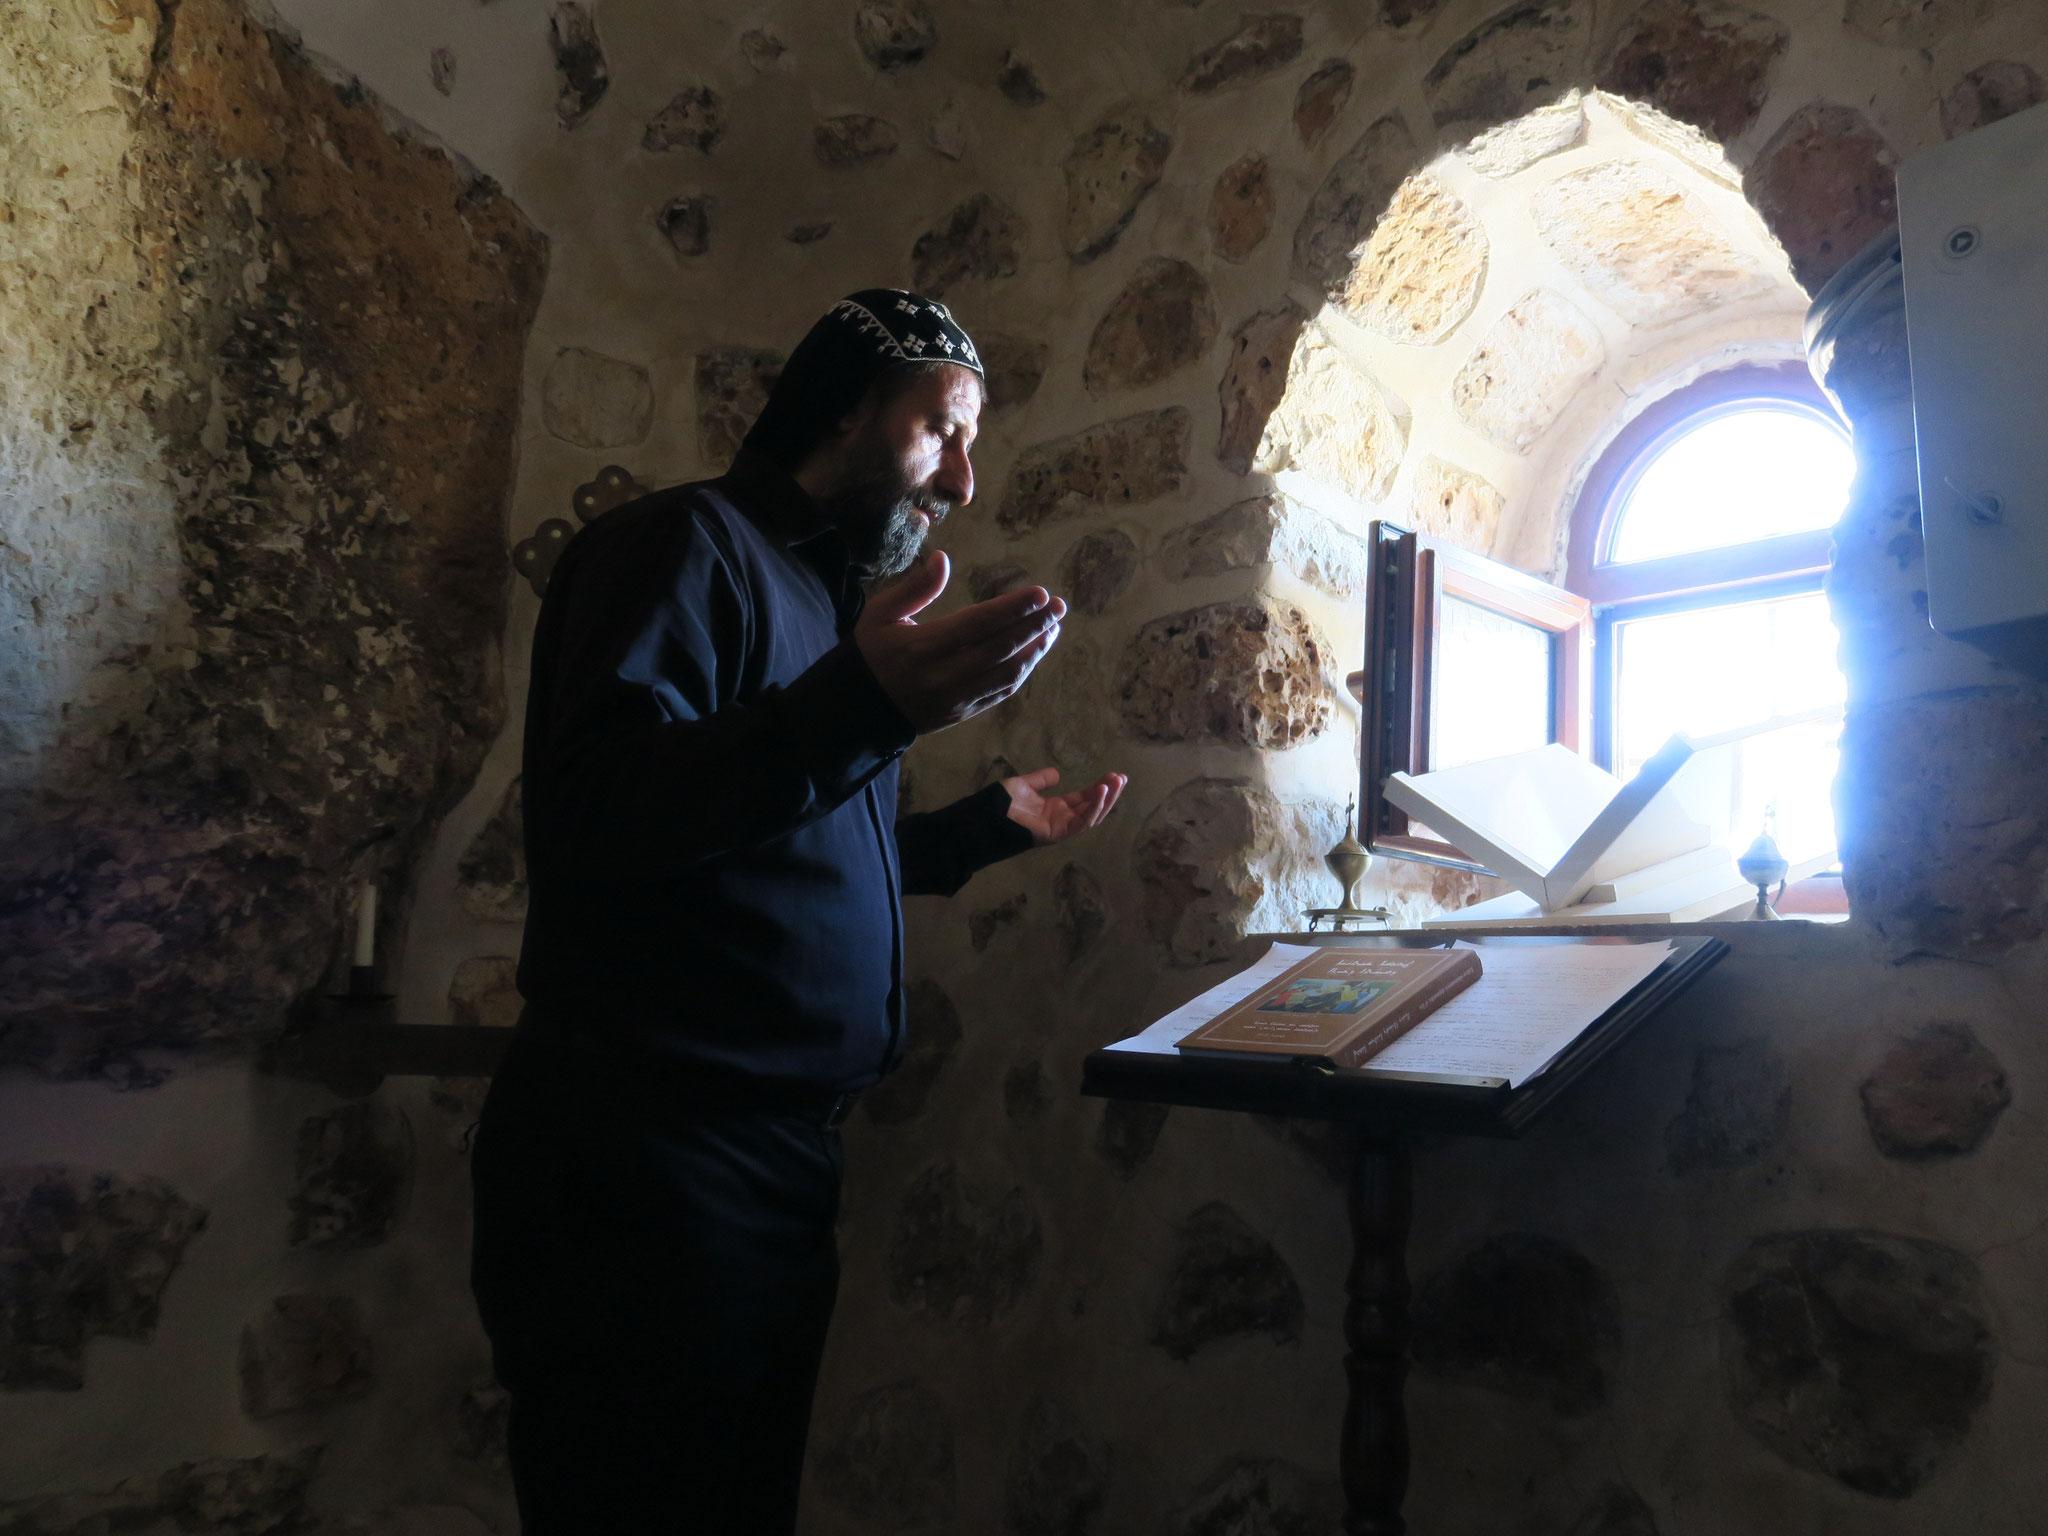 Abt Aho ist der einzige Mönch des Klosters Mor Yakub (Karno). Er wurde vor einigen Monaten für einige Tage festgenommen, weil er einem Mitglied der Terrorgruppe PKK geholfen haben soll. Der Mönch weist das zurück. Ein Gerichtsverfahren ist anhängig.